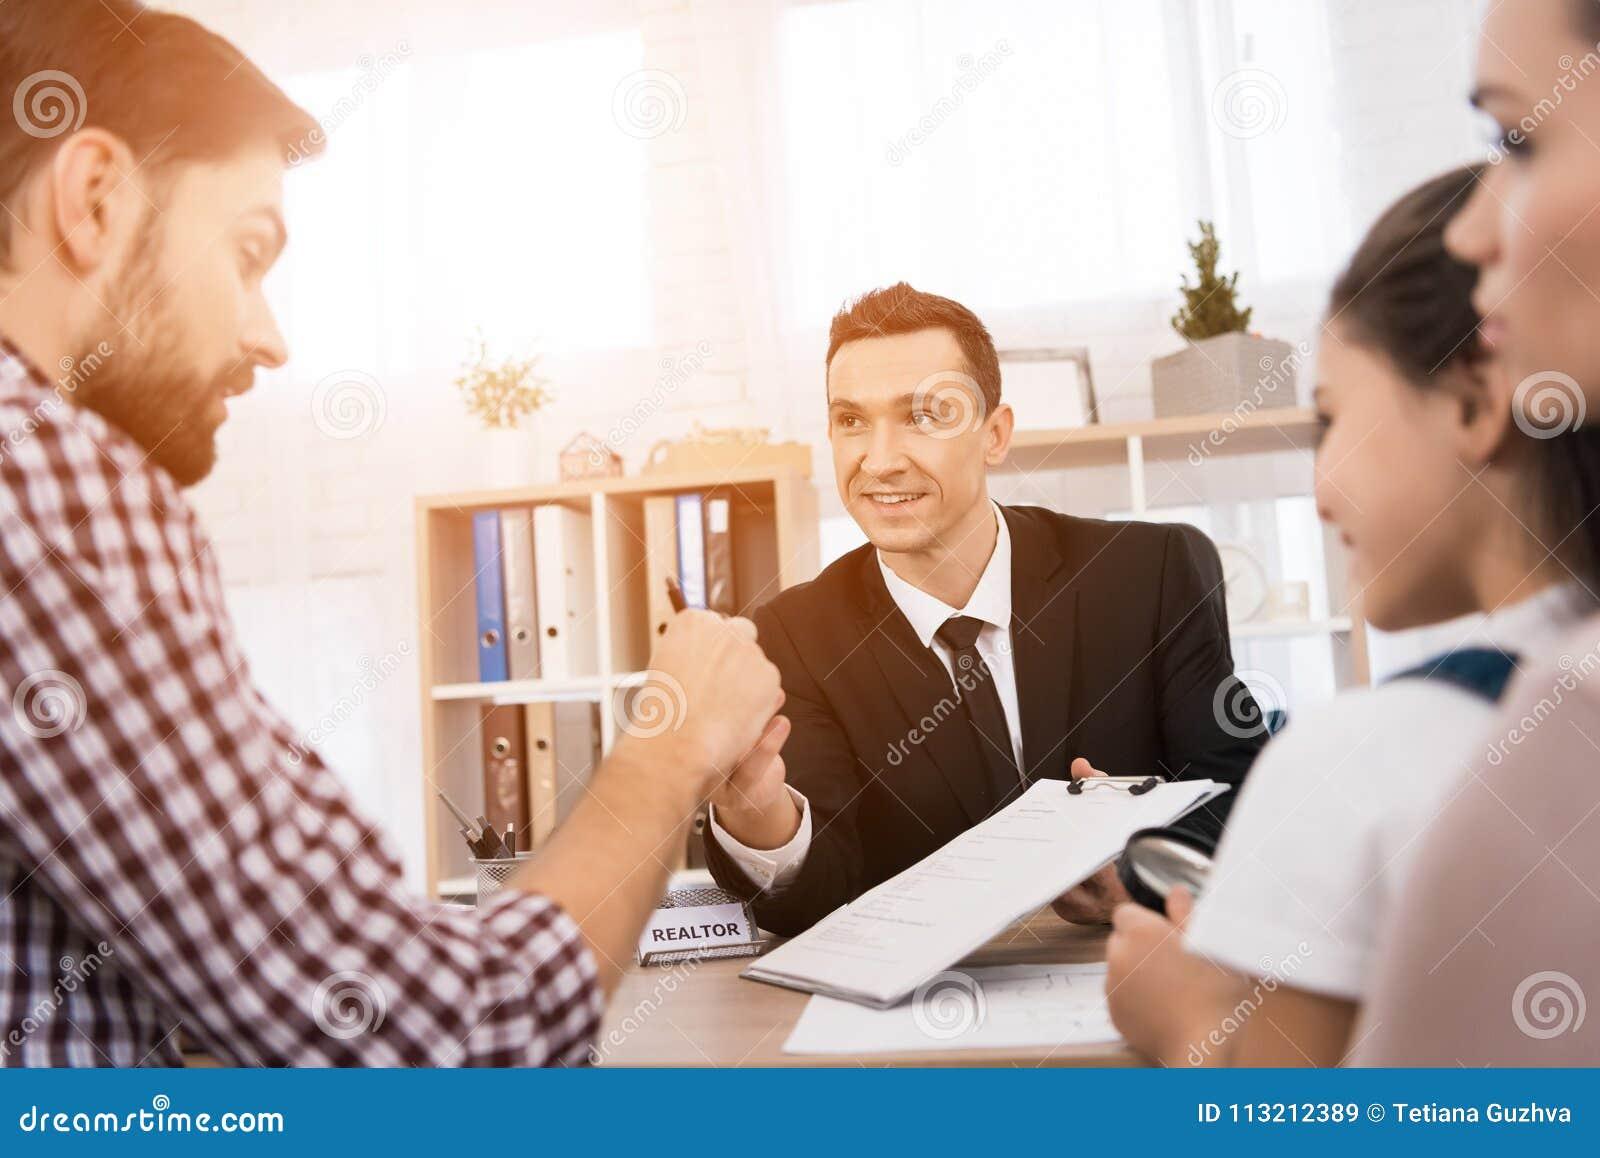 De makelaar in onroerend goed verklaart aan de volwassen mens welke gegevens het noodzakelijk is om in document voor aankoop van